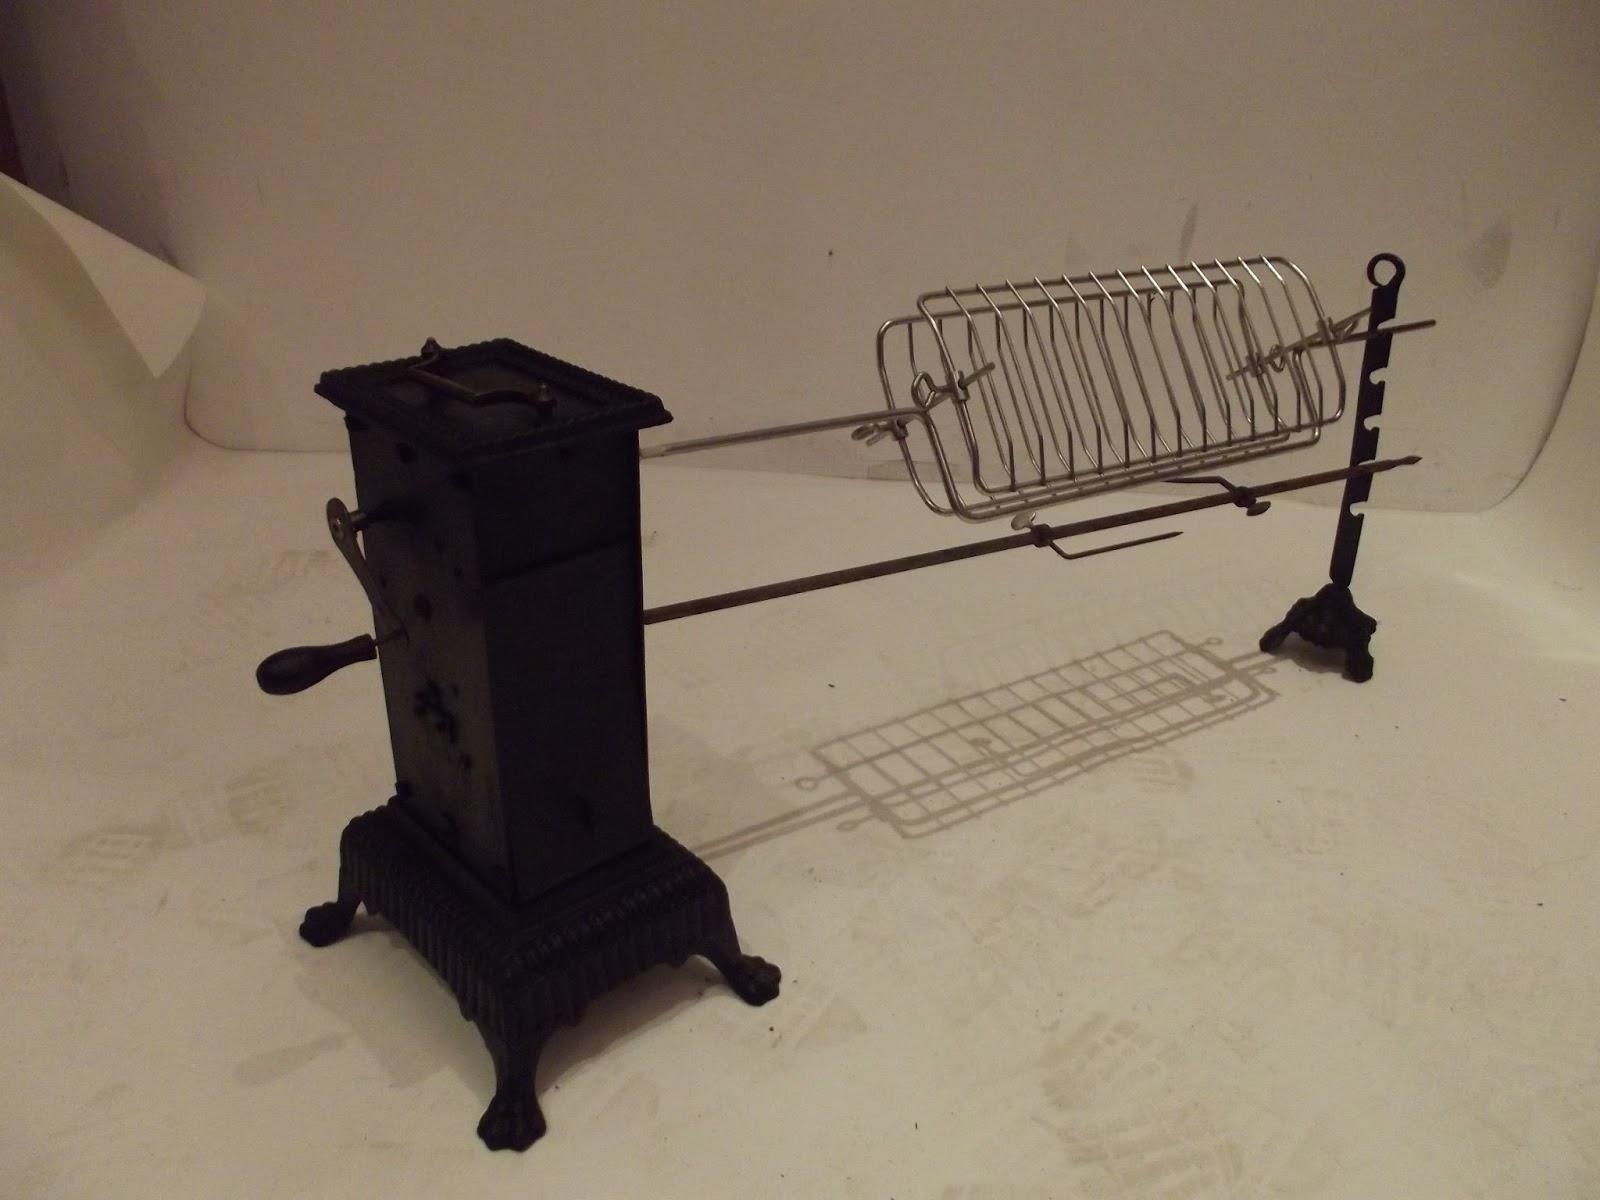 tourne broche pour grillades et brochettes ensemble complet double. Black Bedroom Furniture Sets. Home Design Ideas